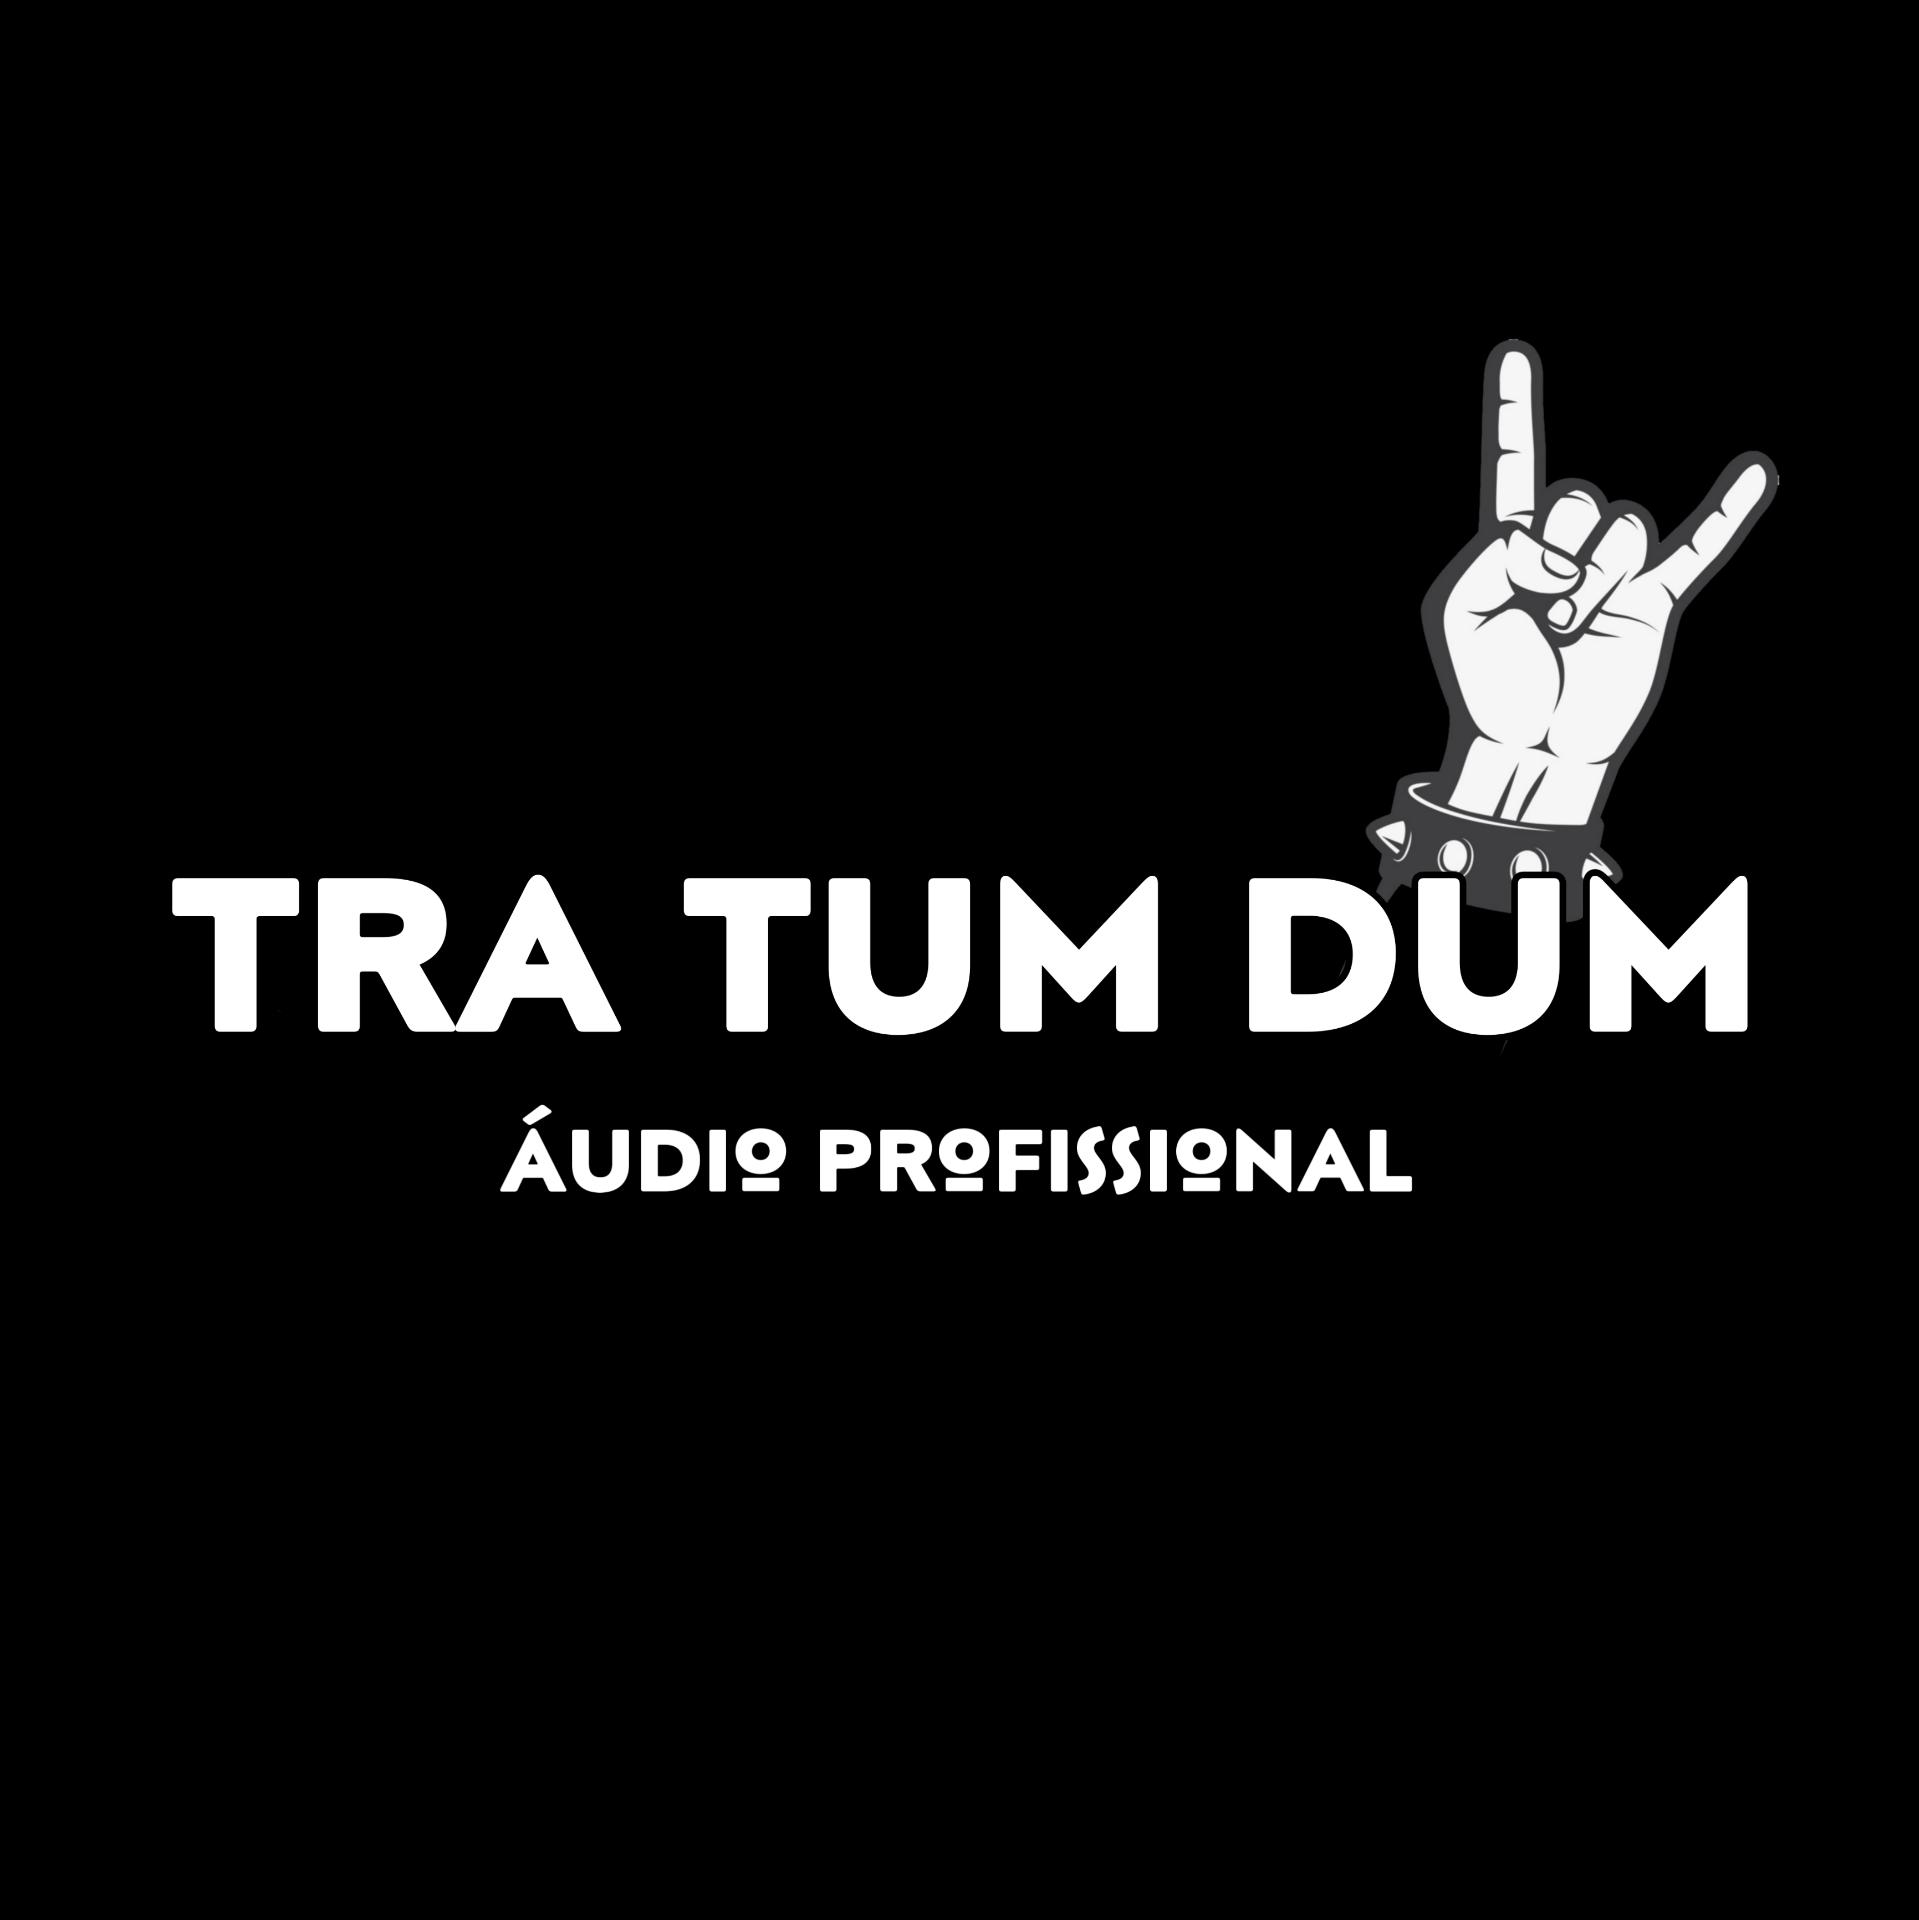 TRATUMDUM